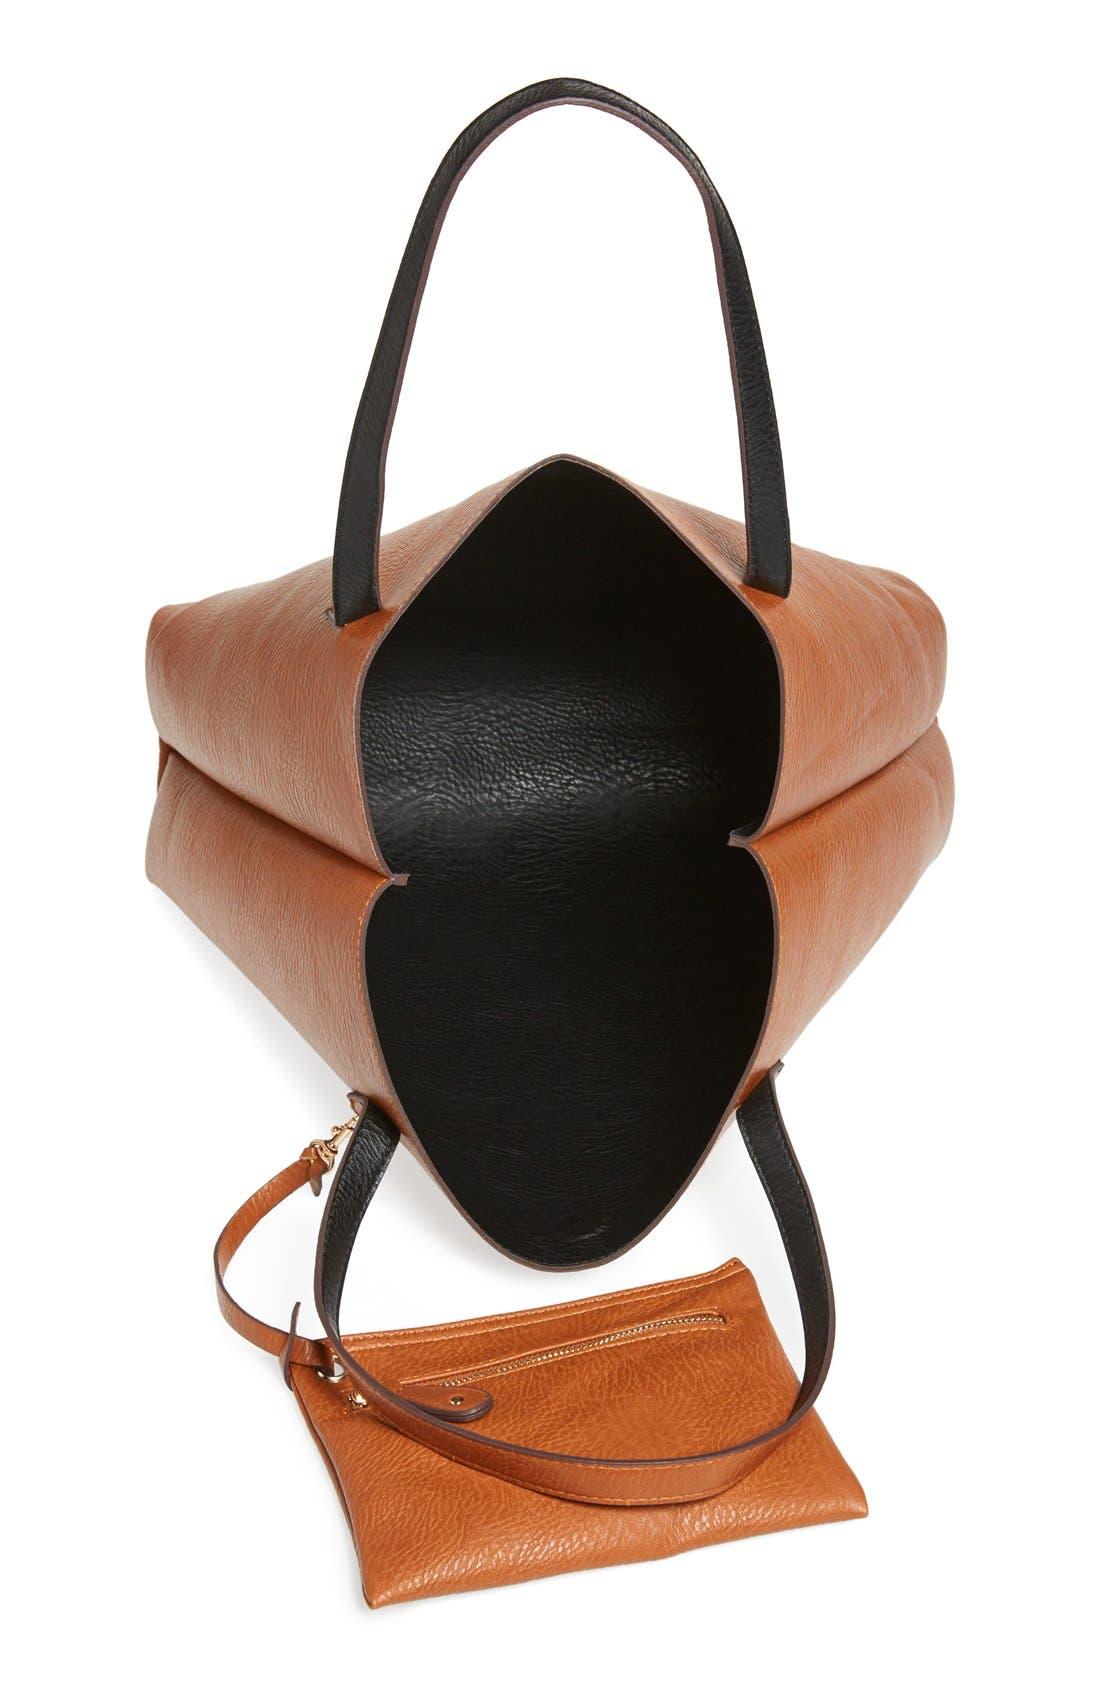 STREET LEVEL, Reversible Faux Leather Tote & Wristlet, Alternate thumbnail 9, color, BLACK/ COGNAC